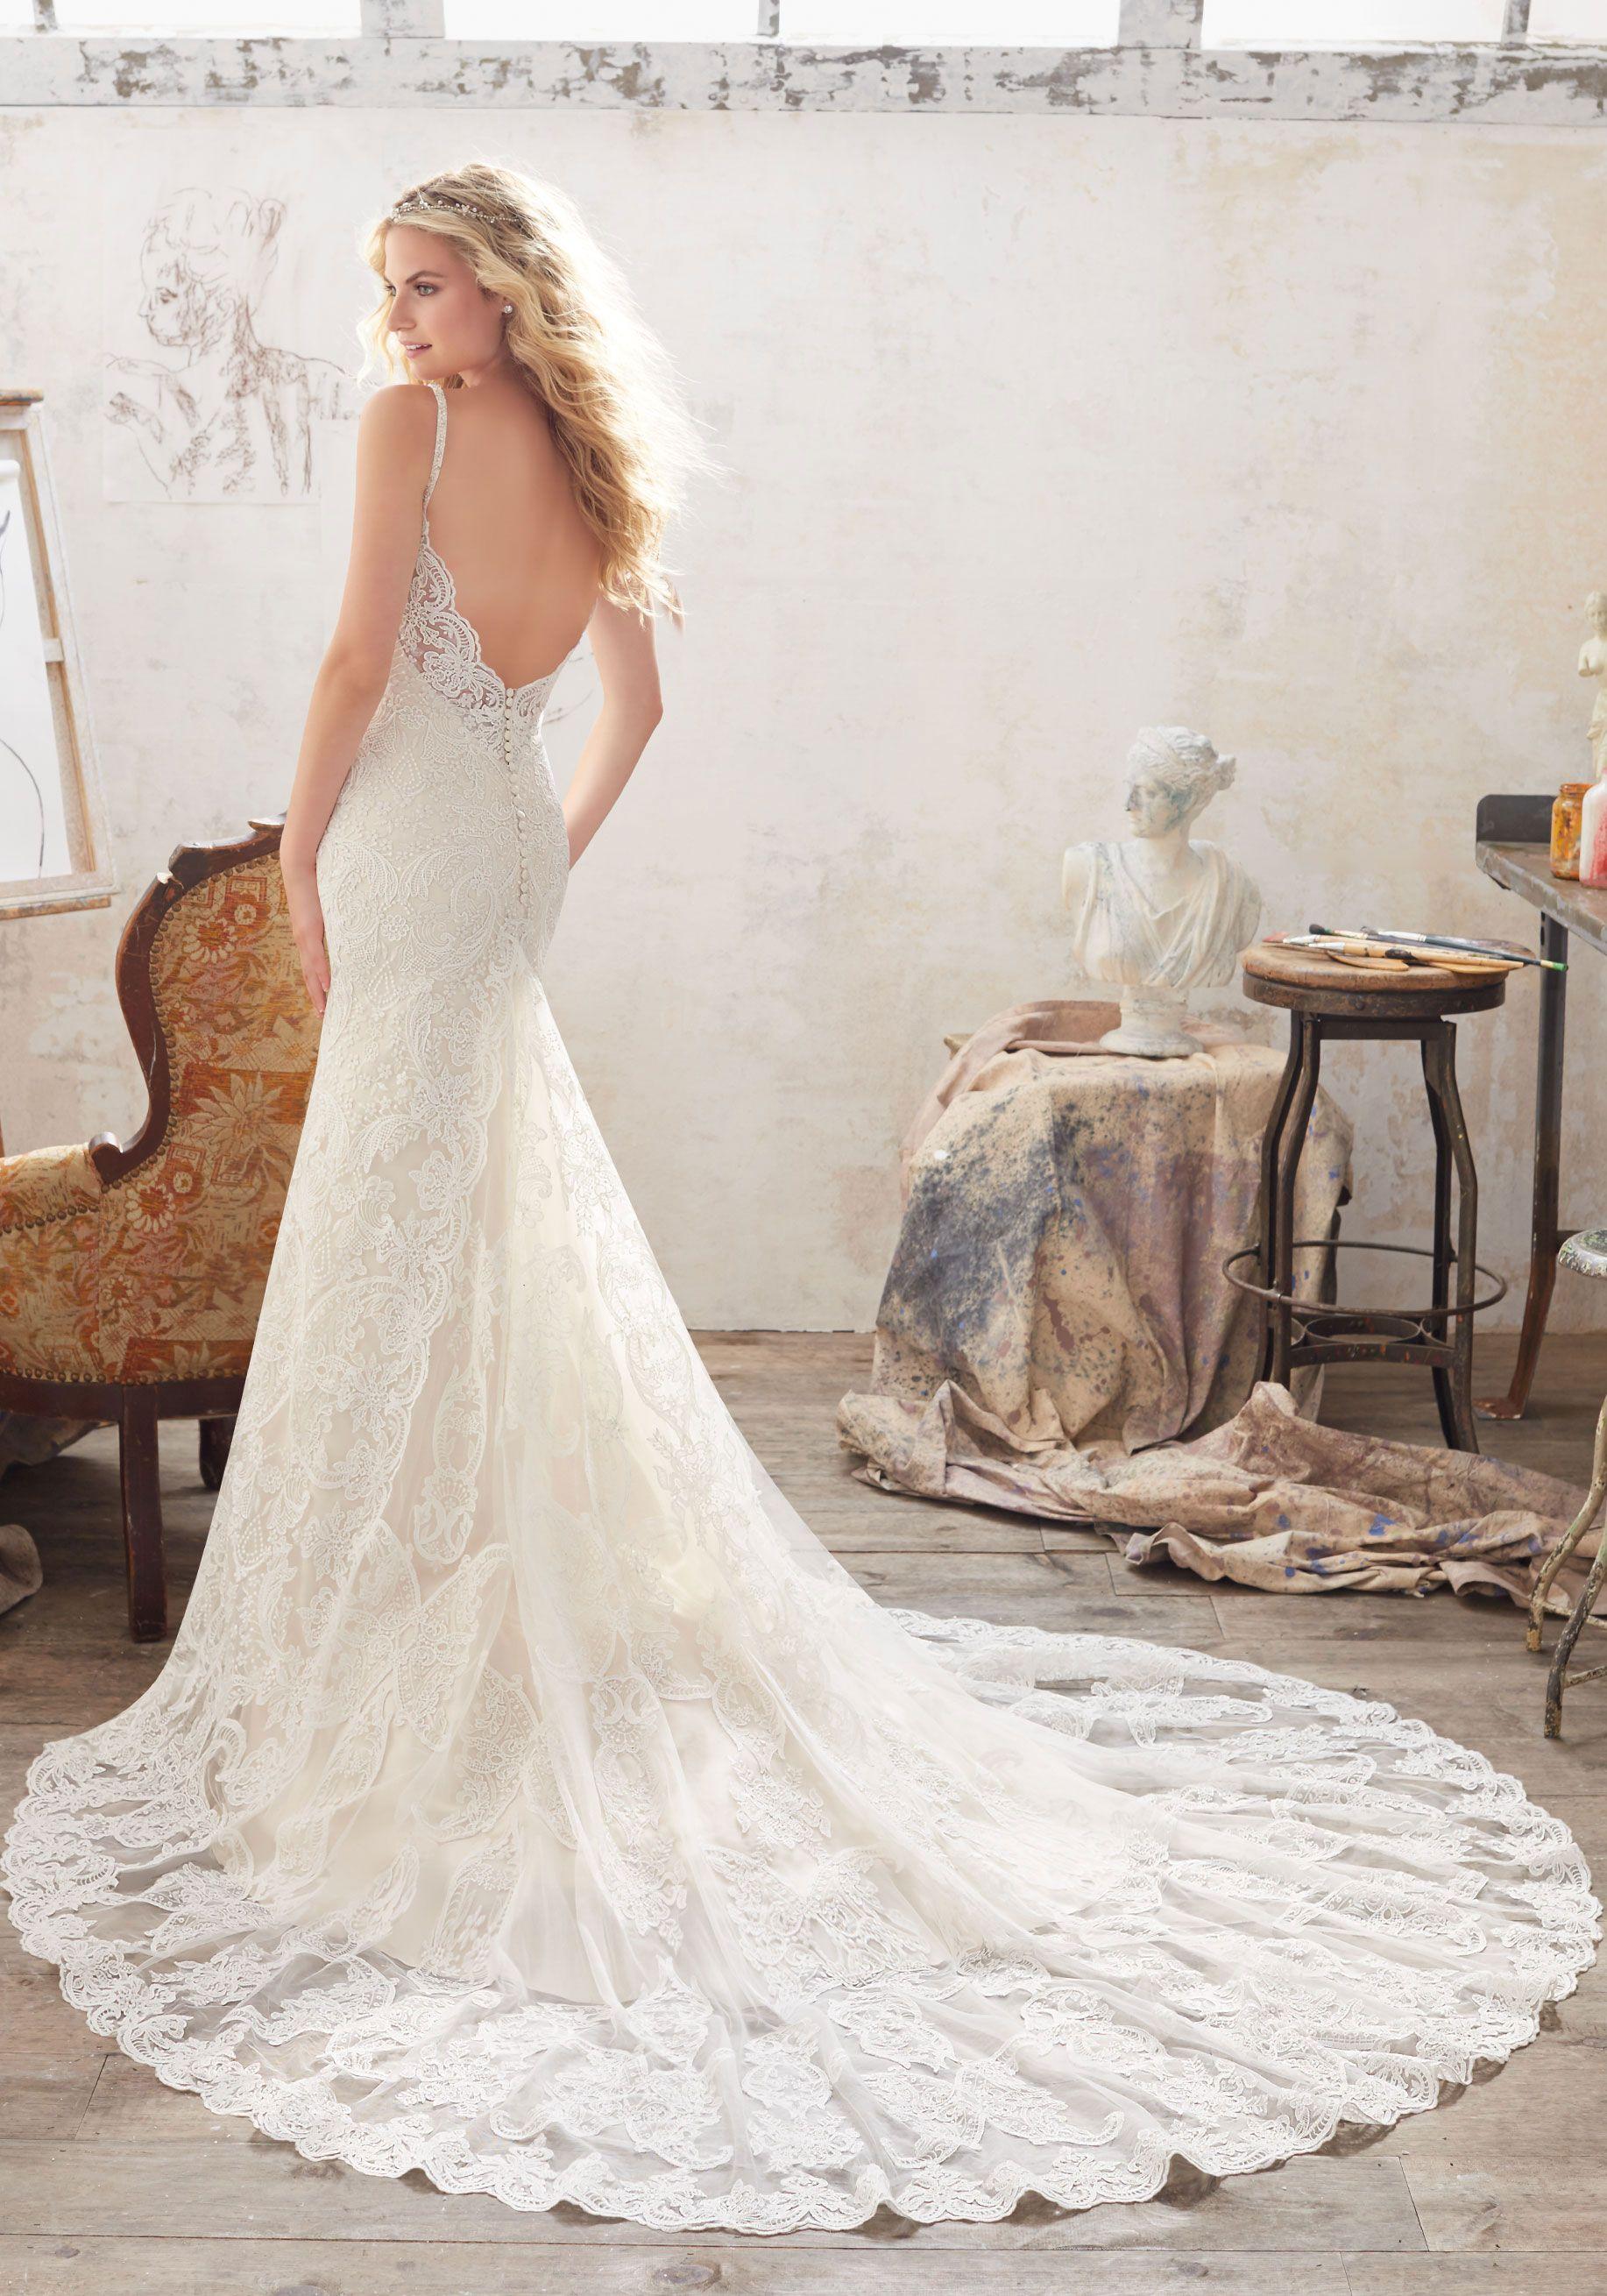 Malia Wedding Dress Morilee in 2020 Fit, flare wedding